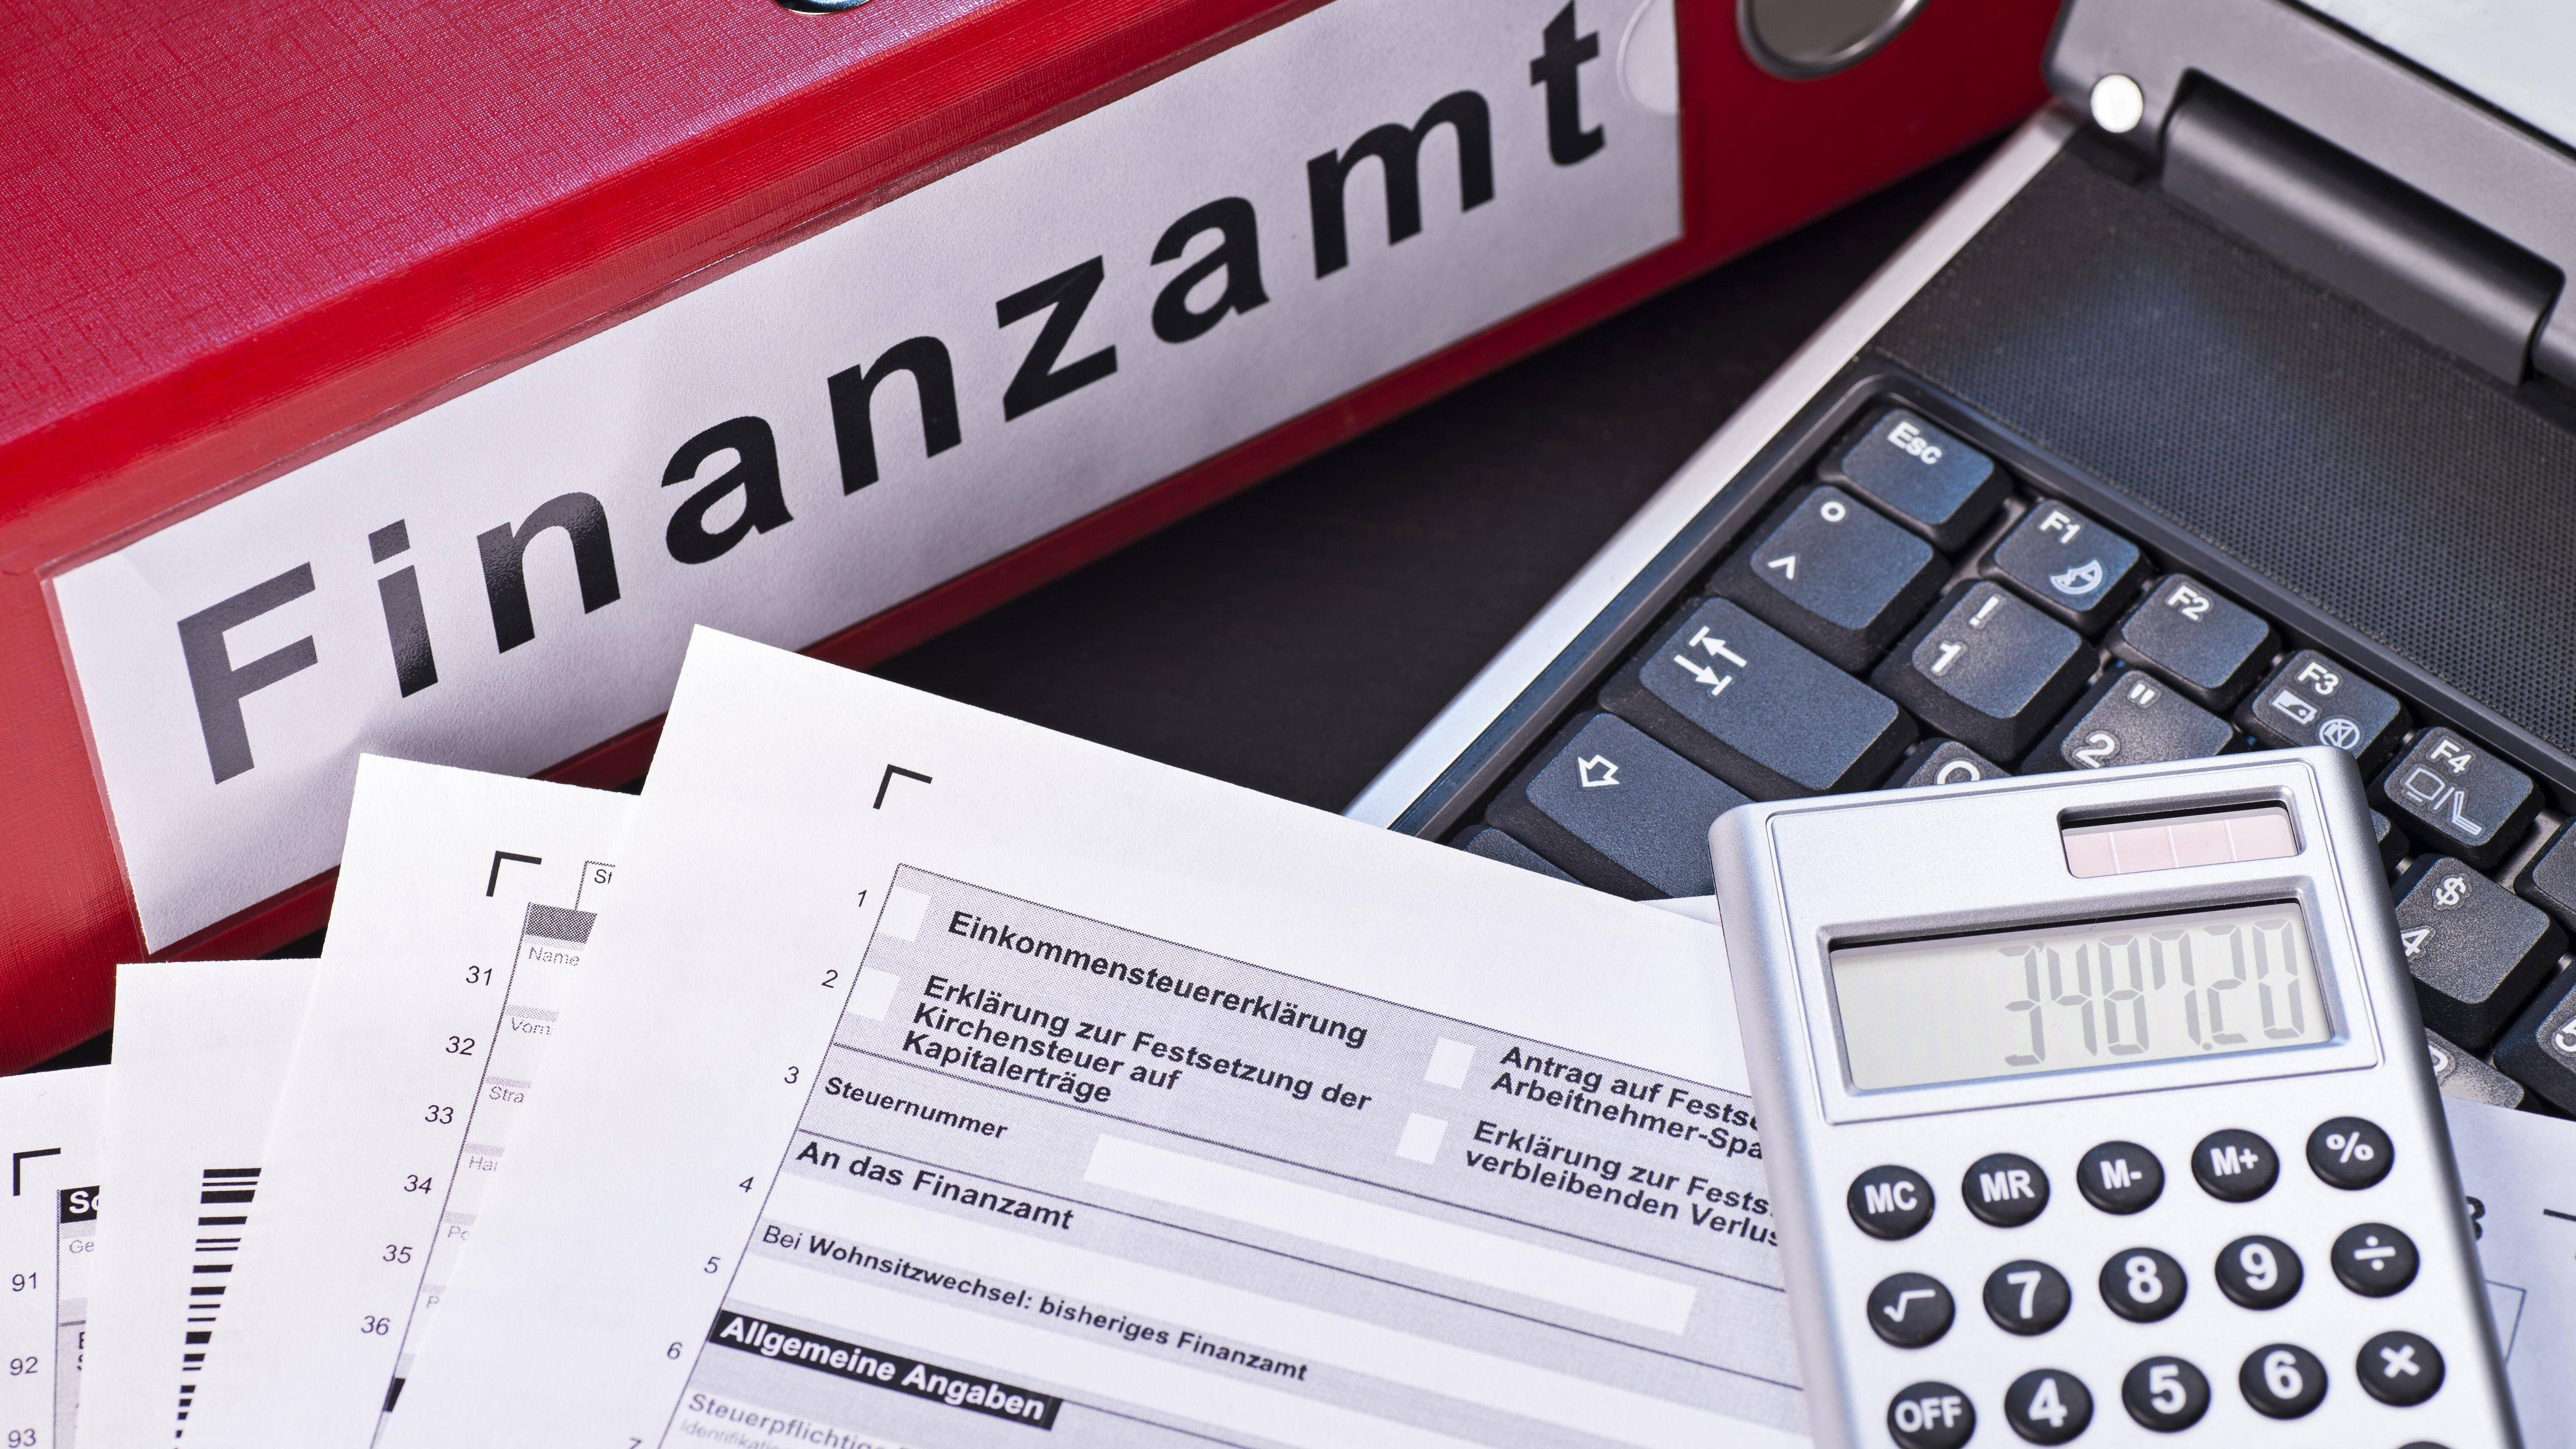 Trading 212: Steuern auf Gewinne und Verluste